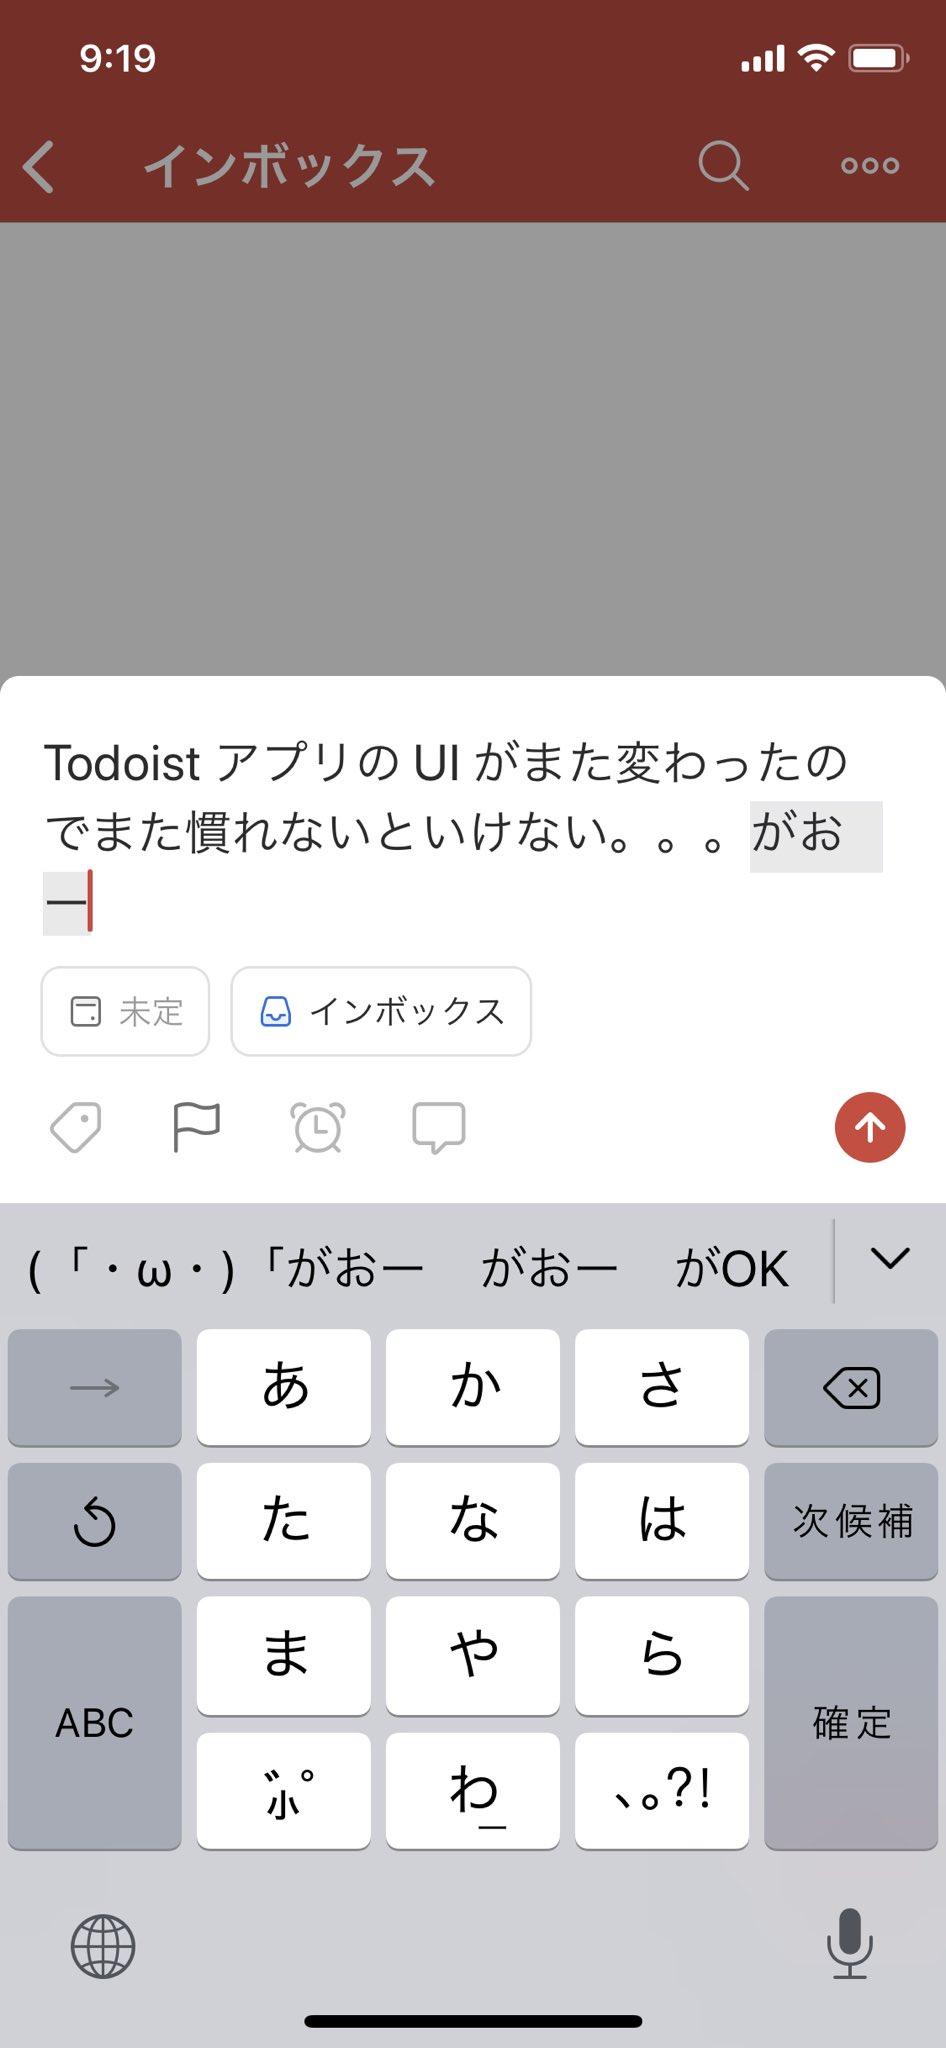 Todoist アプリの UI がまた変わったので慣れないといけない。。。 https://t.co/kwKbQO59Pk